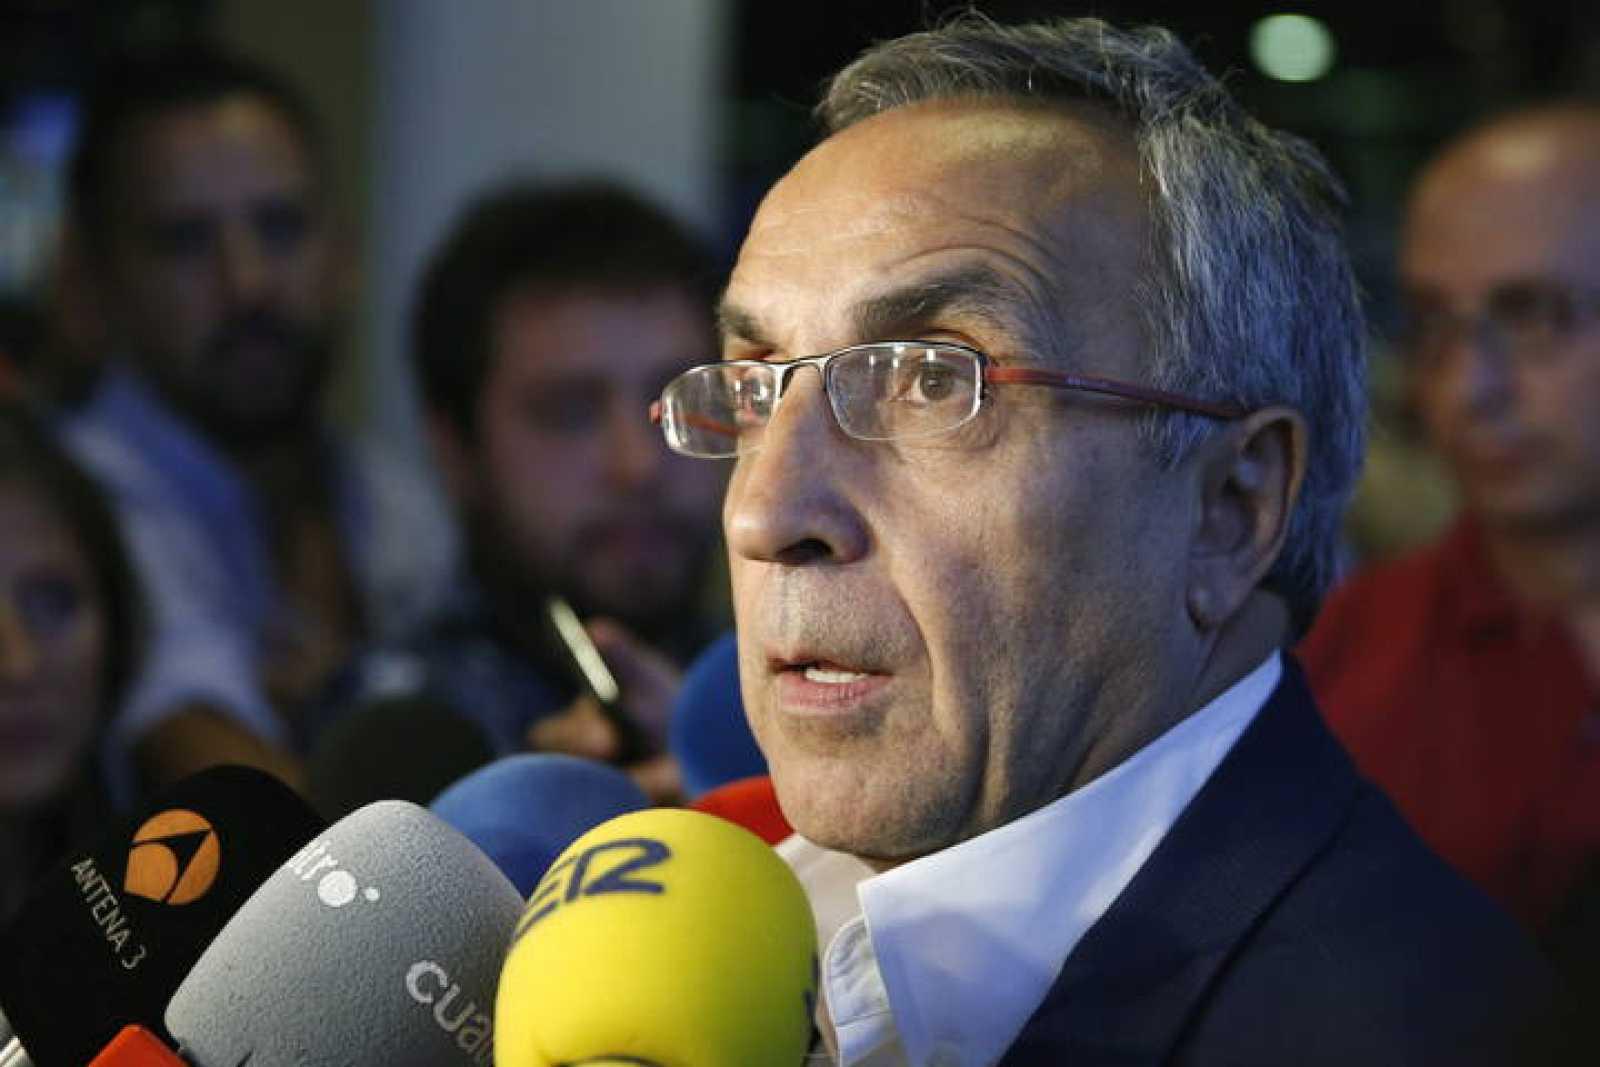 El presidente del COE, Alejandro Blanco,contesta a las preguntas de los periodistas  en el aeropuerto de Barajas.